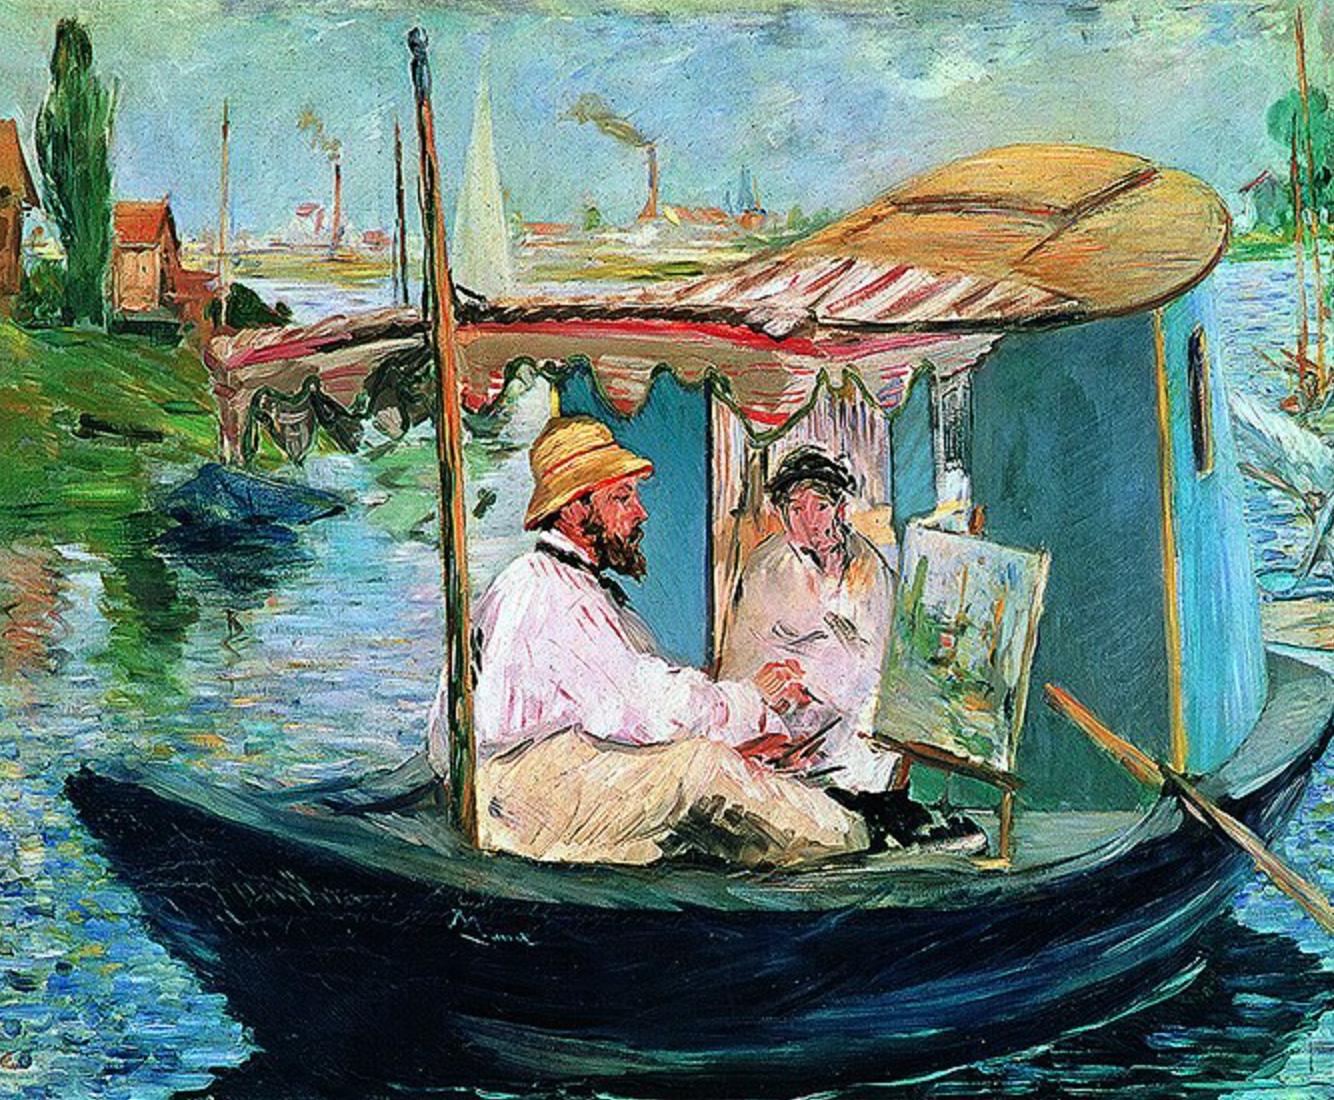 马奈《船上画室中的莫奈》88×105cm 装饰画 油画布